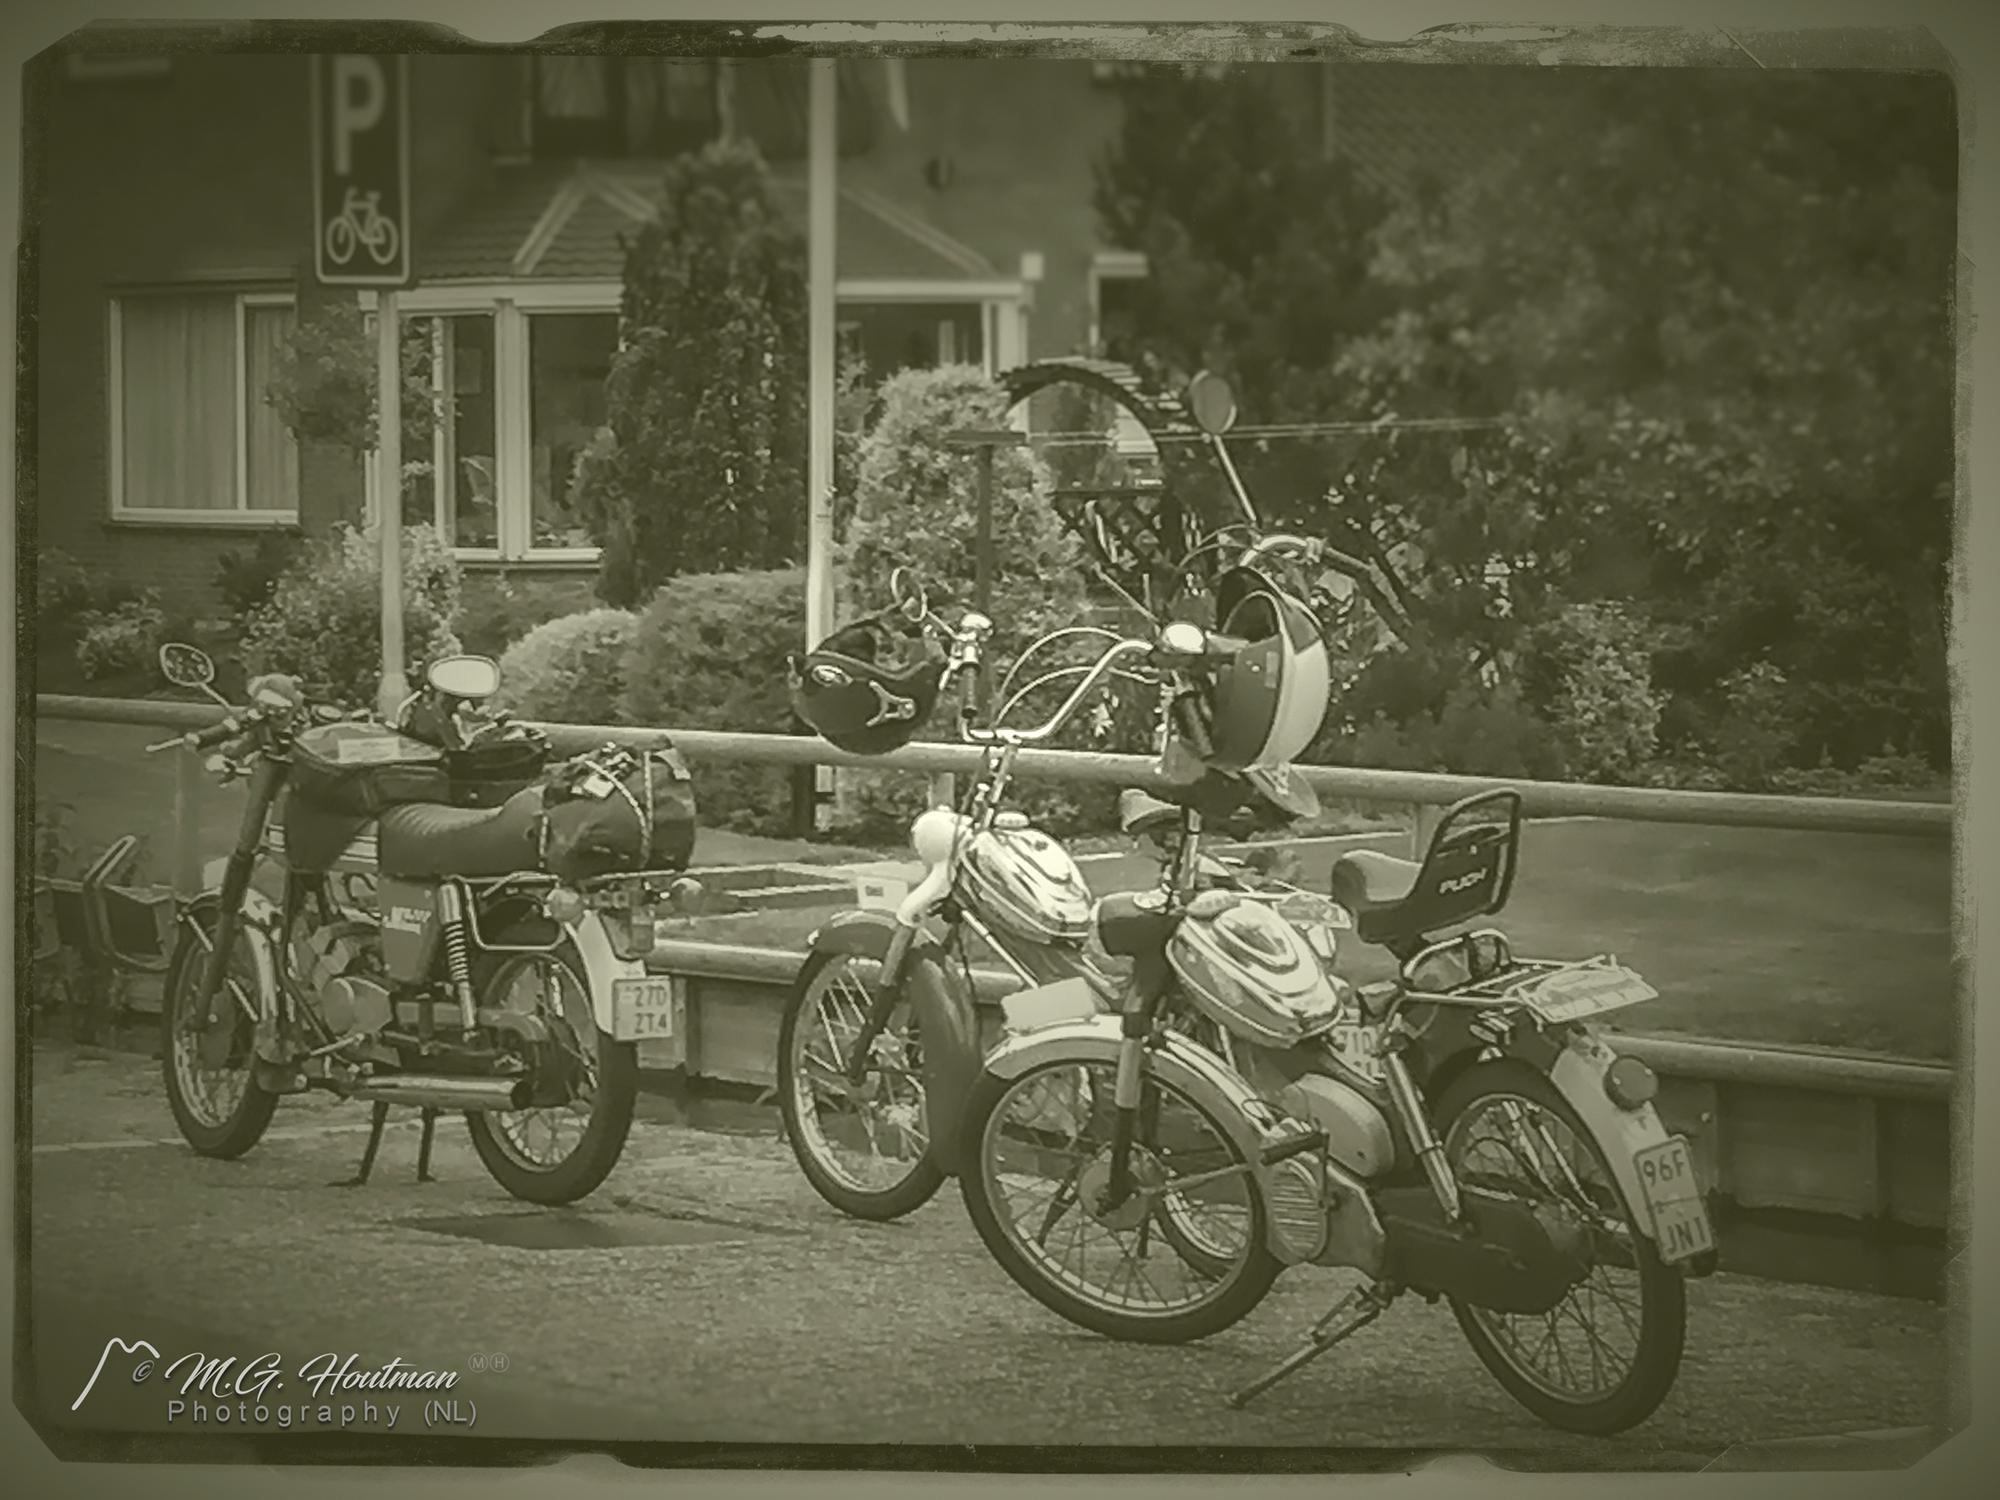 Old memories and Nostalgia / Brommers Kieken!